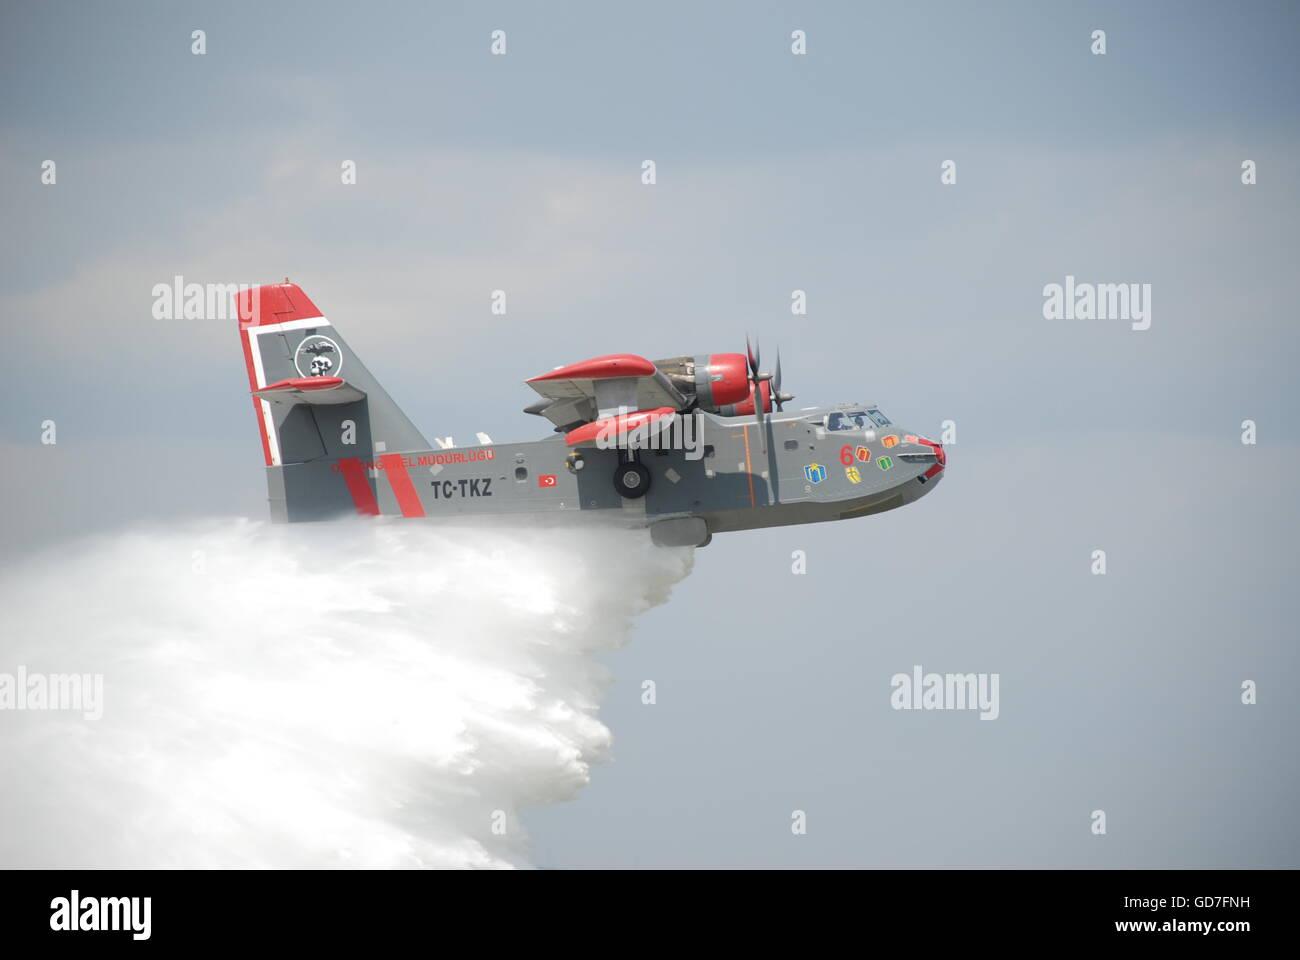 Aircraft Fire Stock Photos & Aircraft Fire Stock Images - Alamy